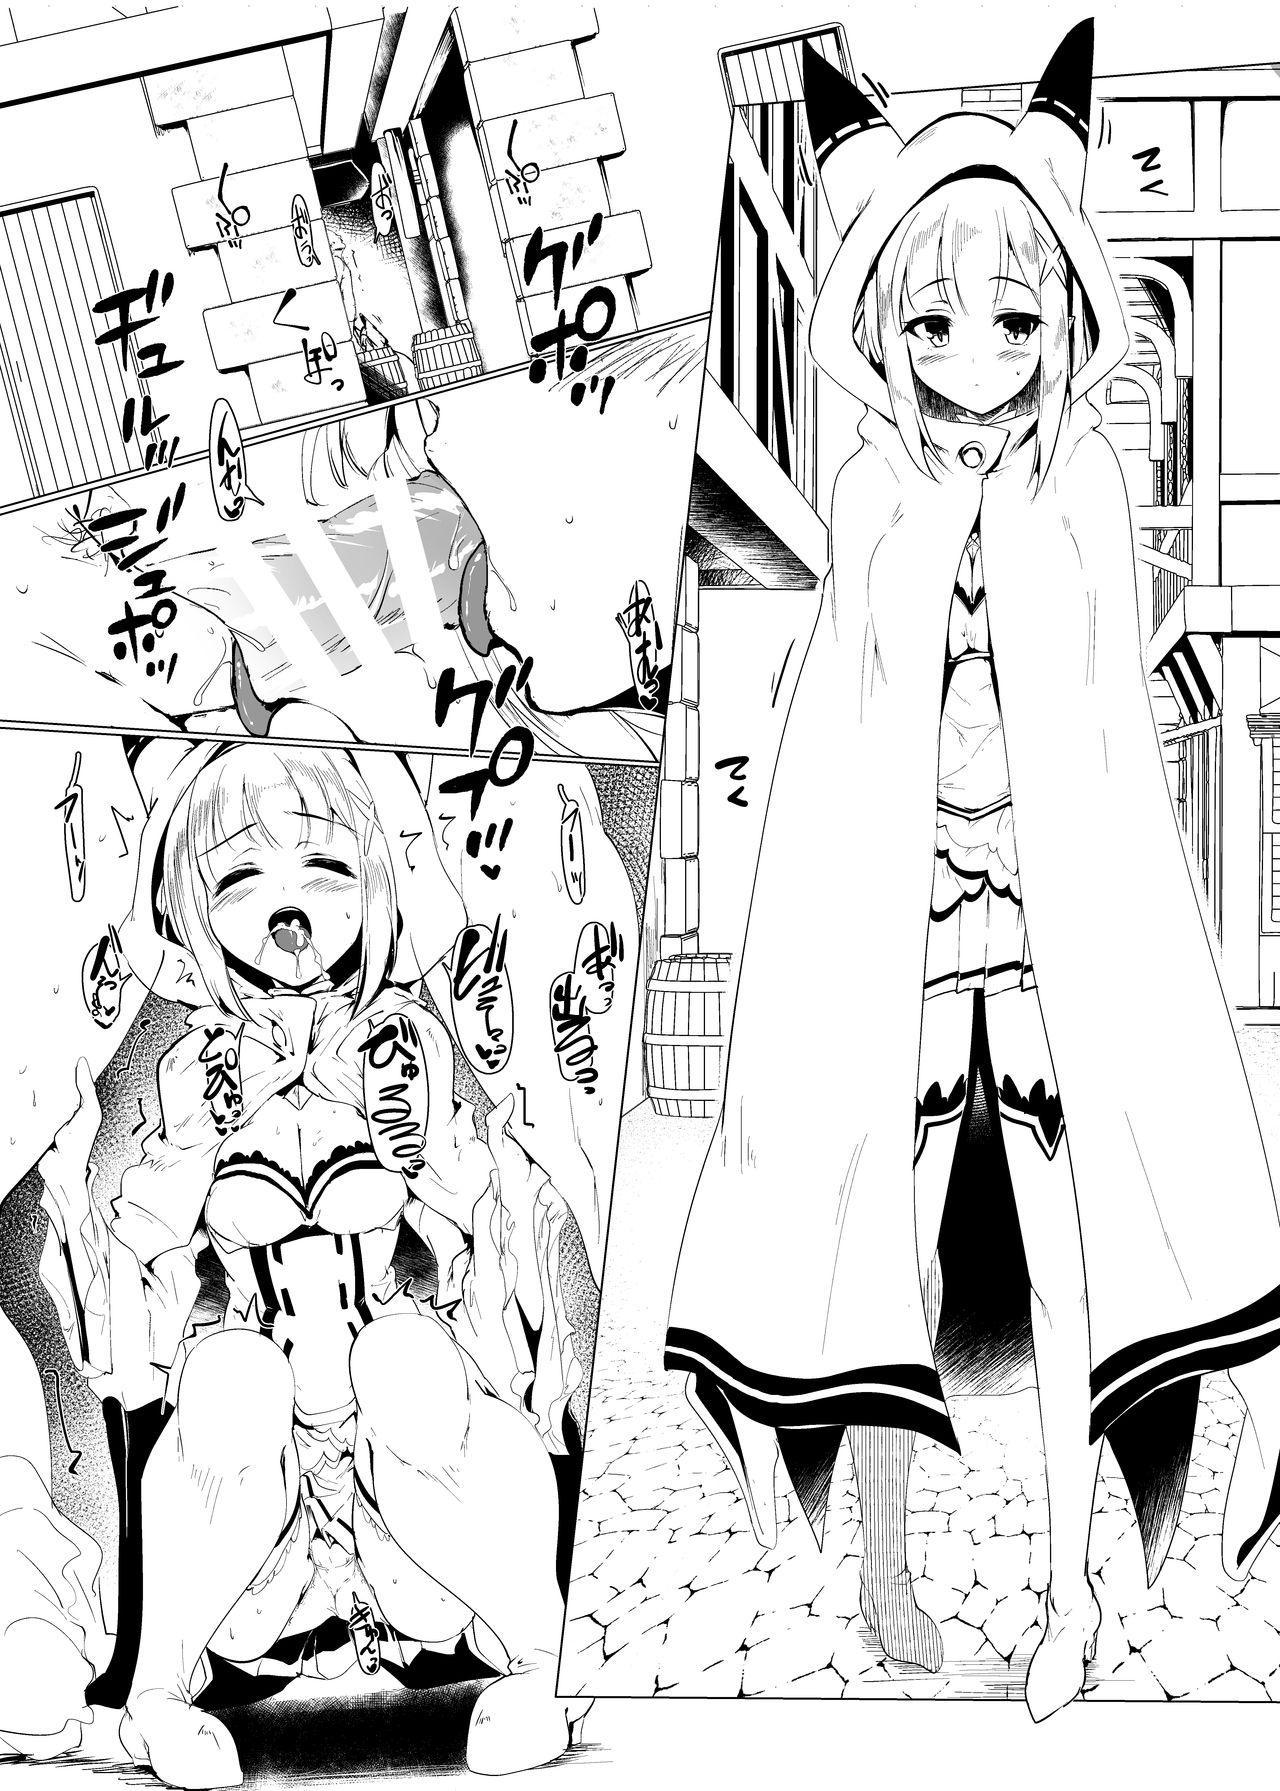 Re: Zero kara Hajimeru PachiSlot Seikatsu 20